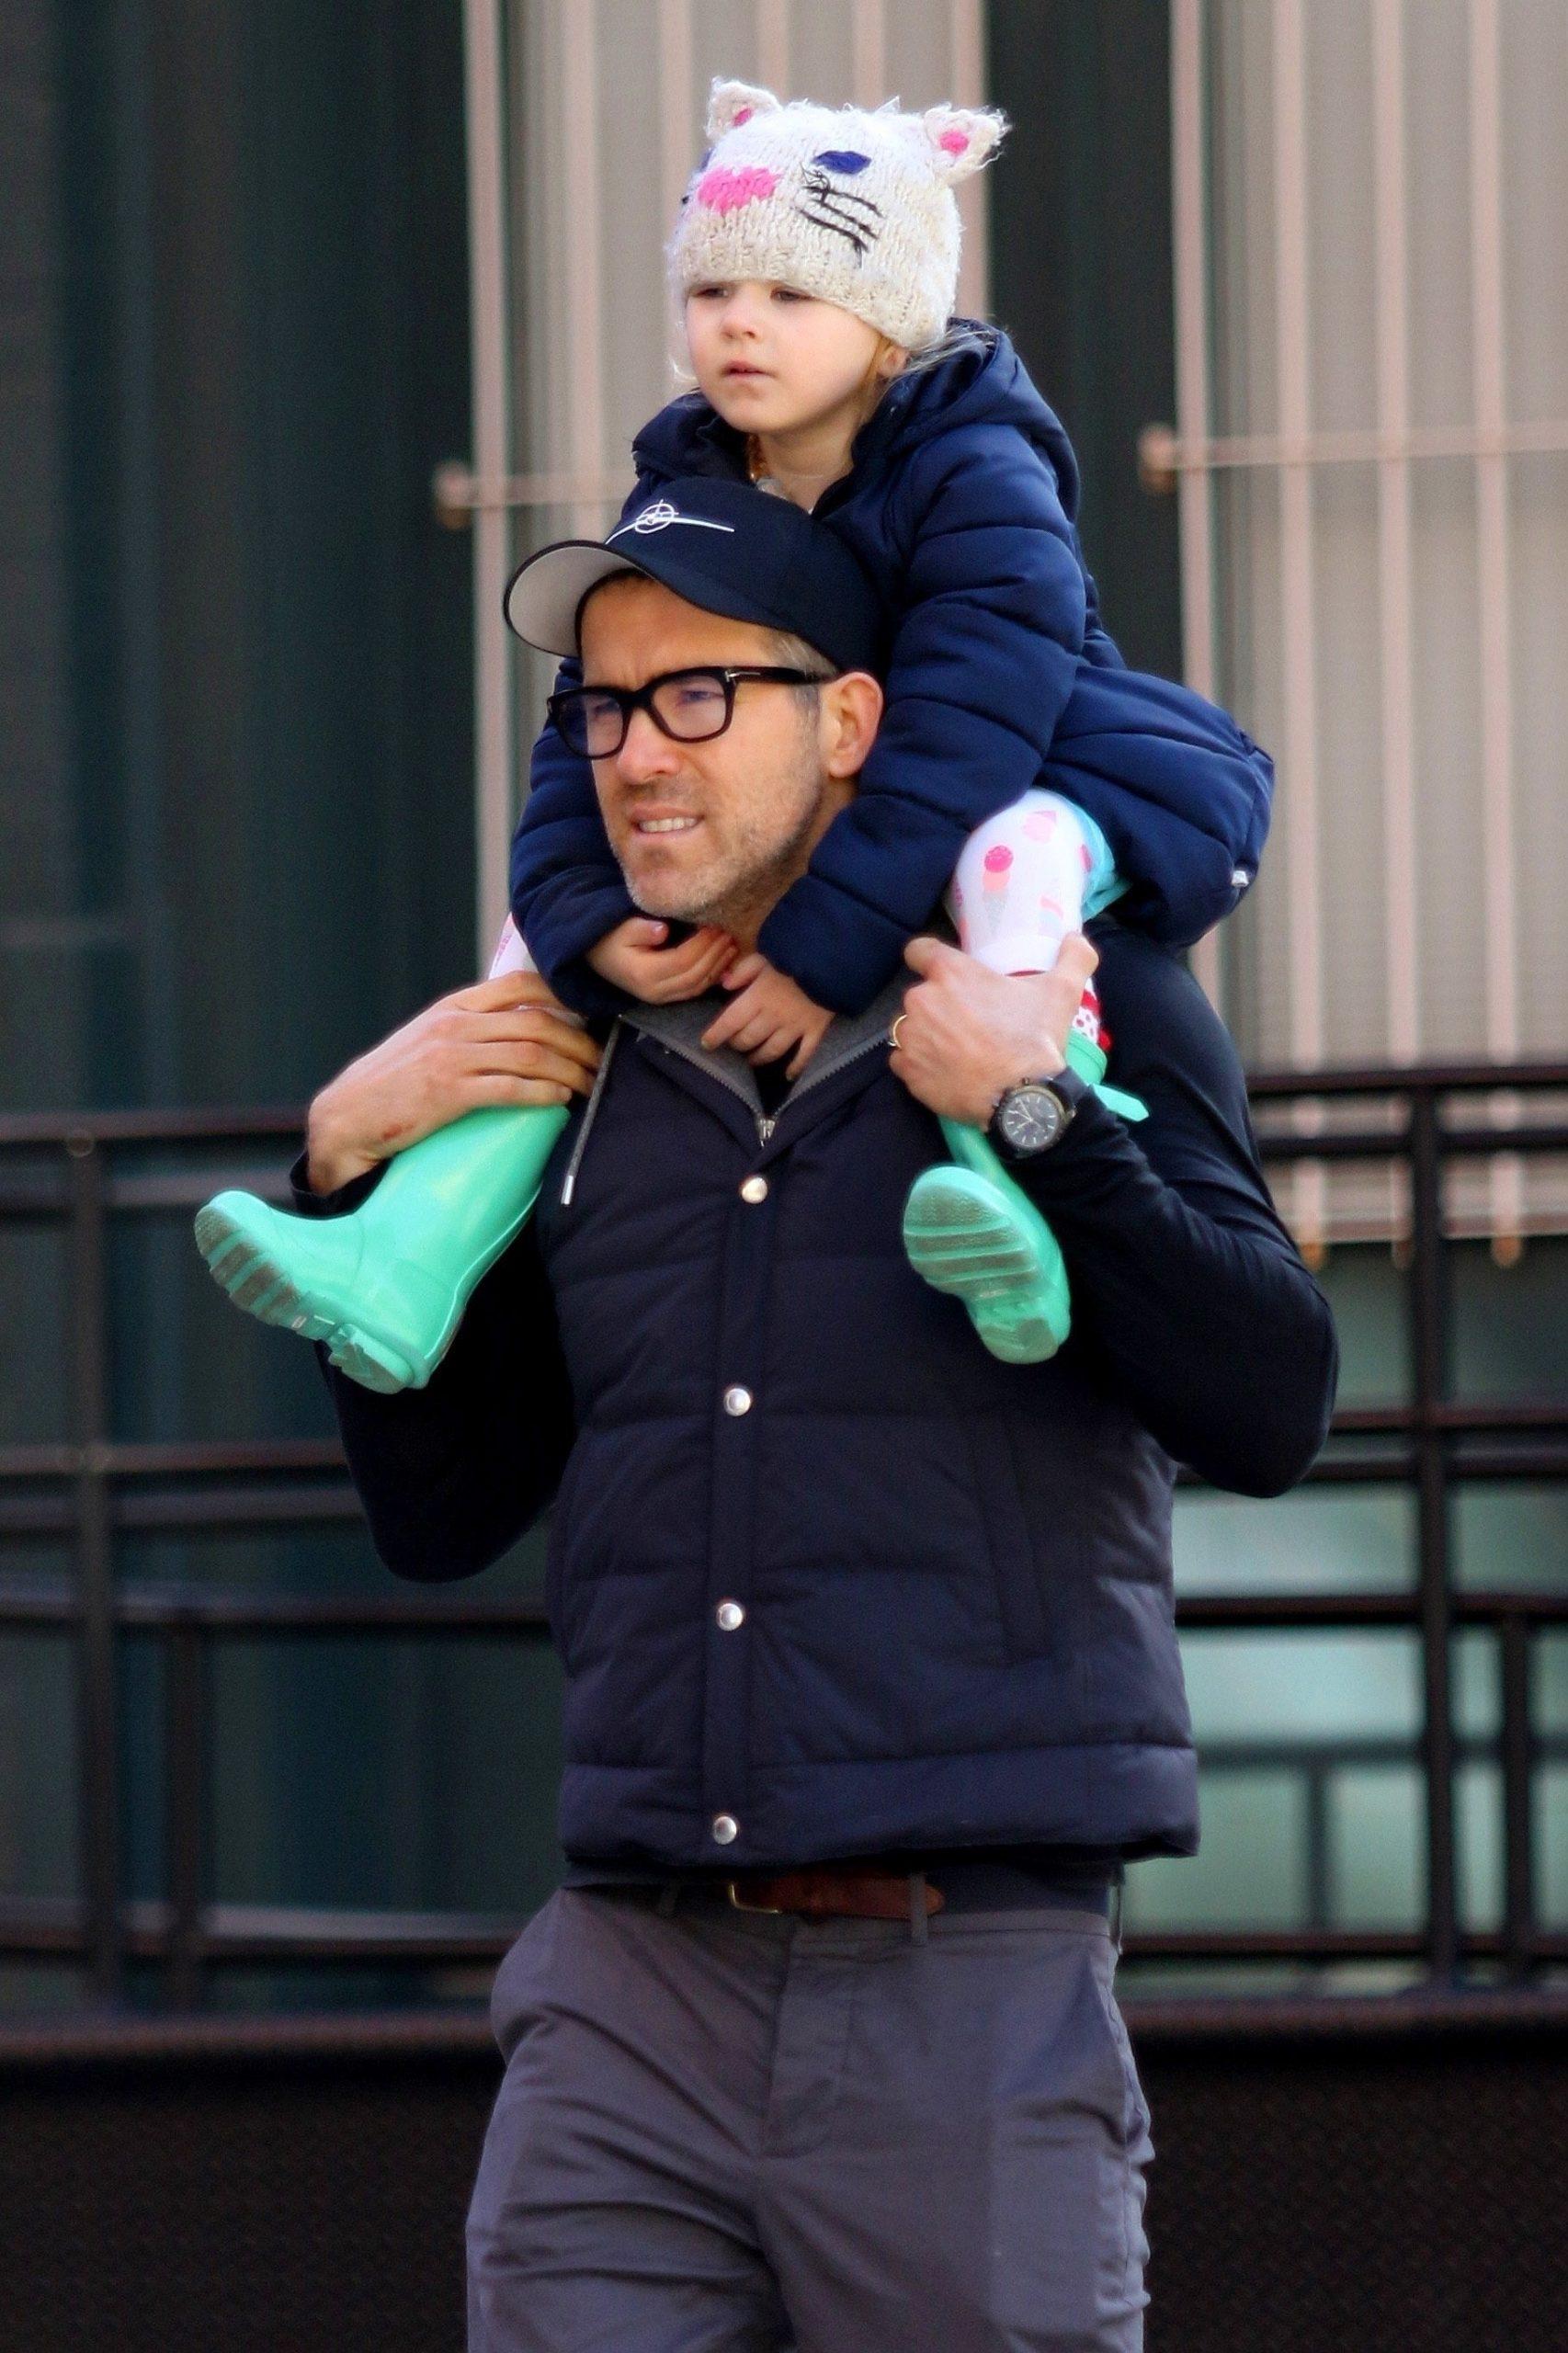 Con gái quá nghiện Baby Shark, Deadpool Ryan Reynolds cho con xem luôn phim mẹ bị... cá mập ăn thịt người tấn công - Ảnh 4.